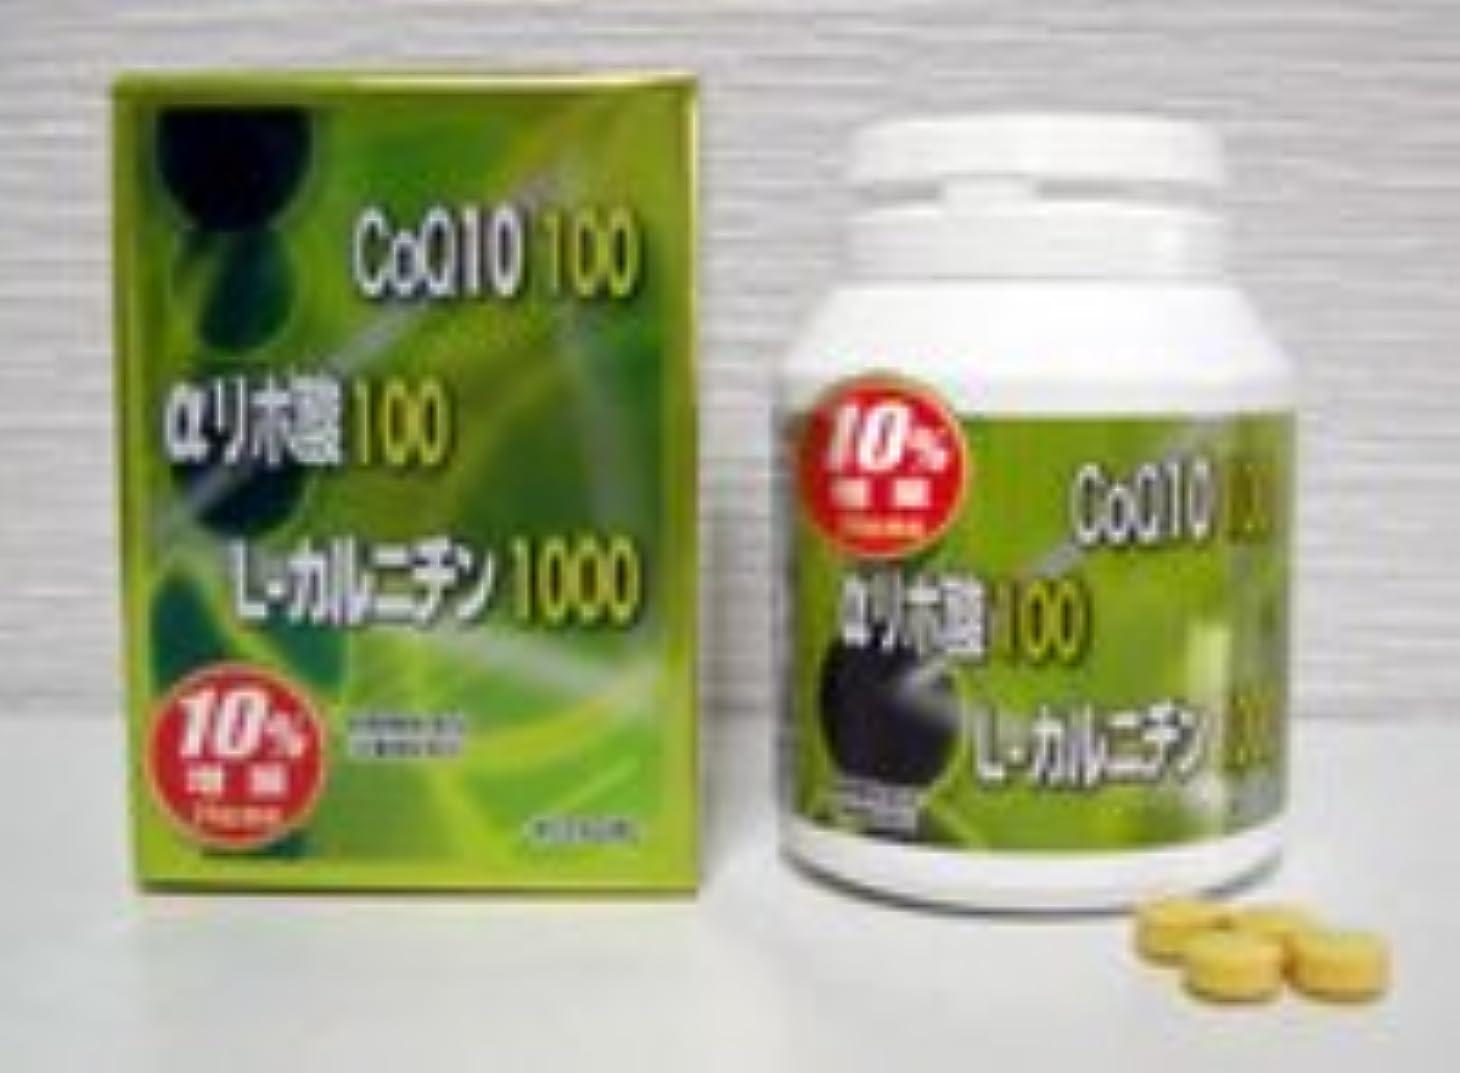 教室免除する枕ダイエットサプリ CoQ10+αリポ酸+L-カルニチン 102.96g(390mg×約264粒)